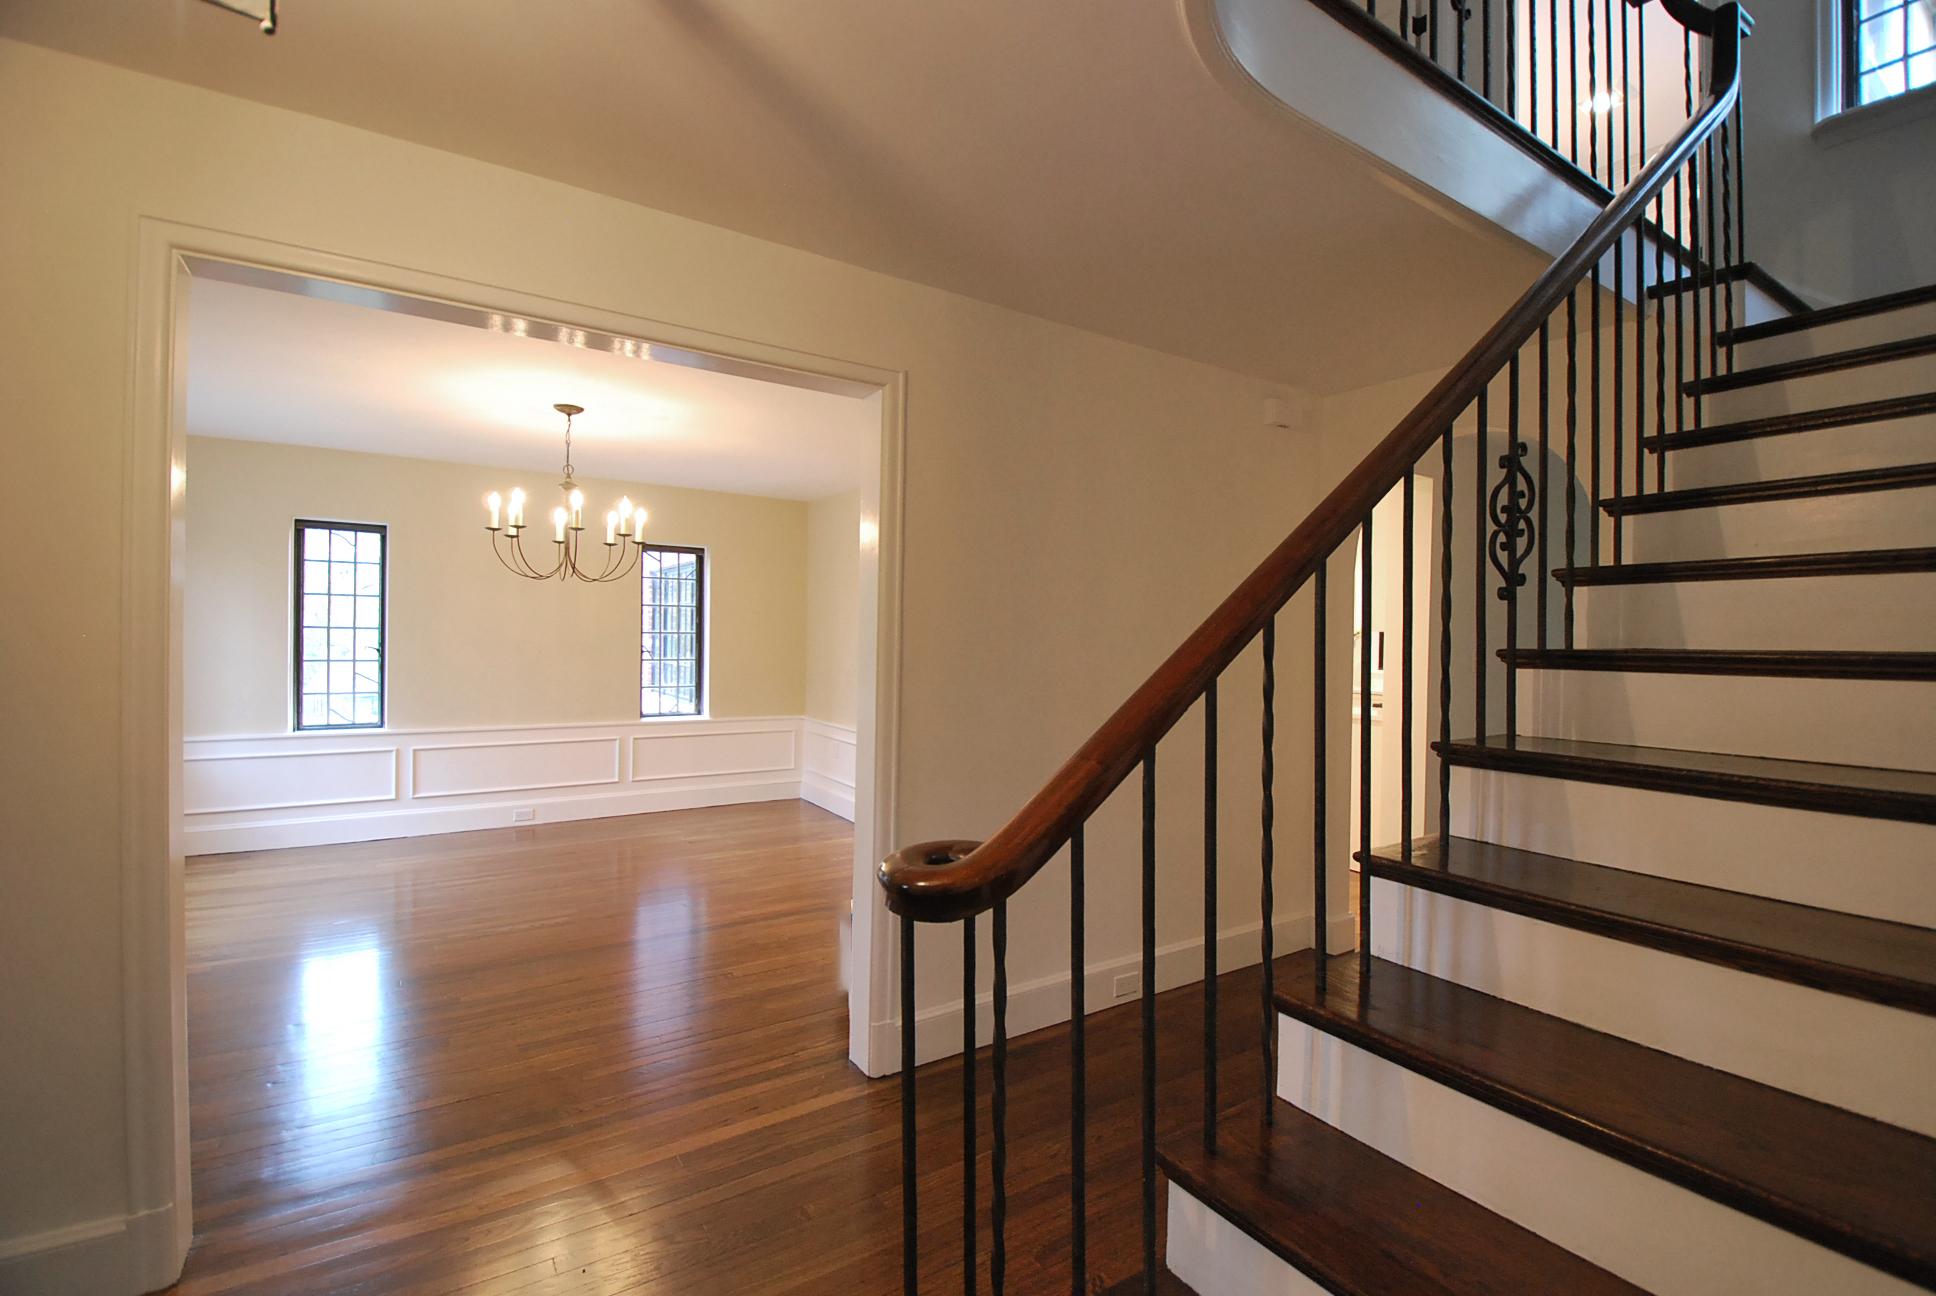 boffa stair 4.jpg